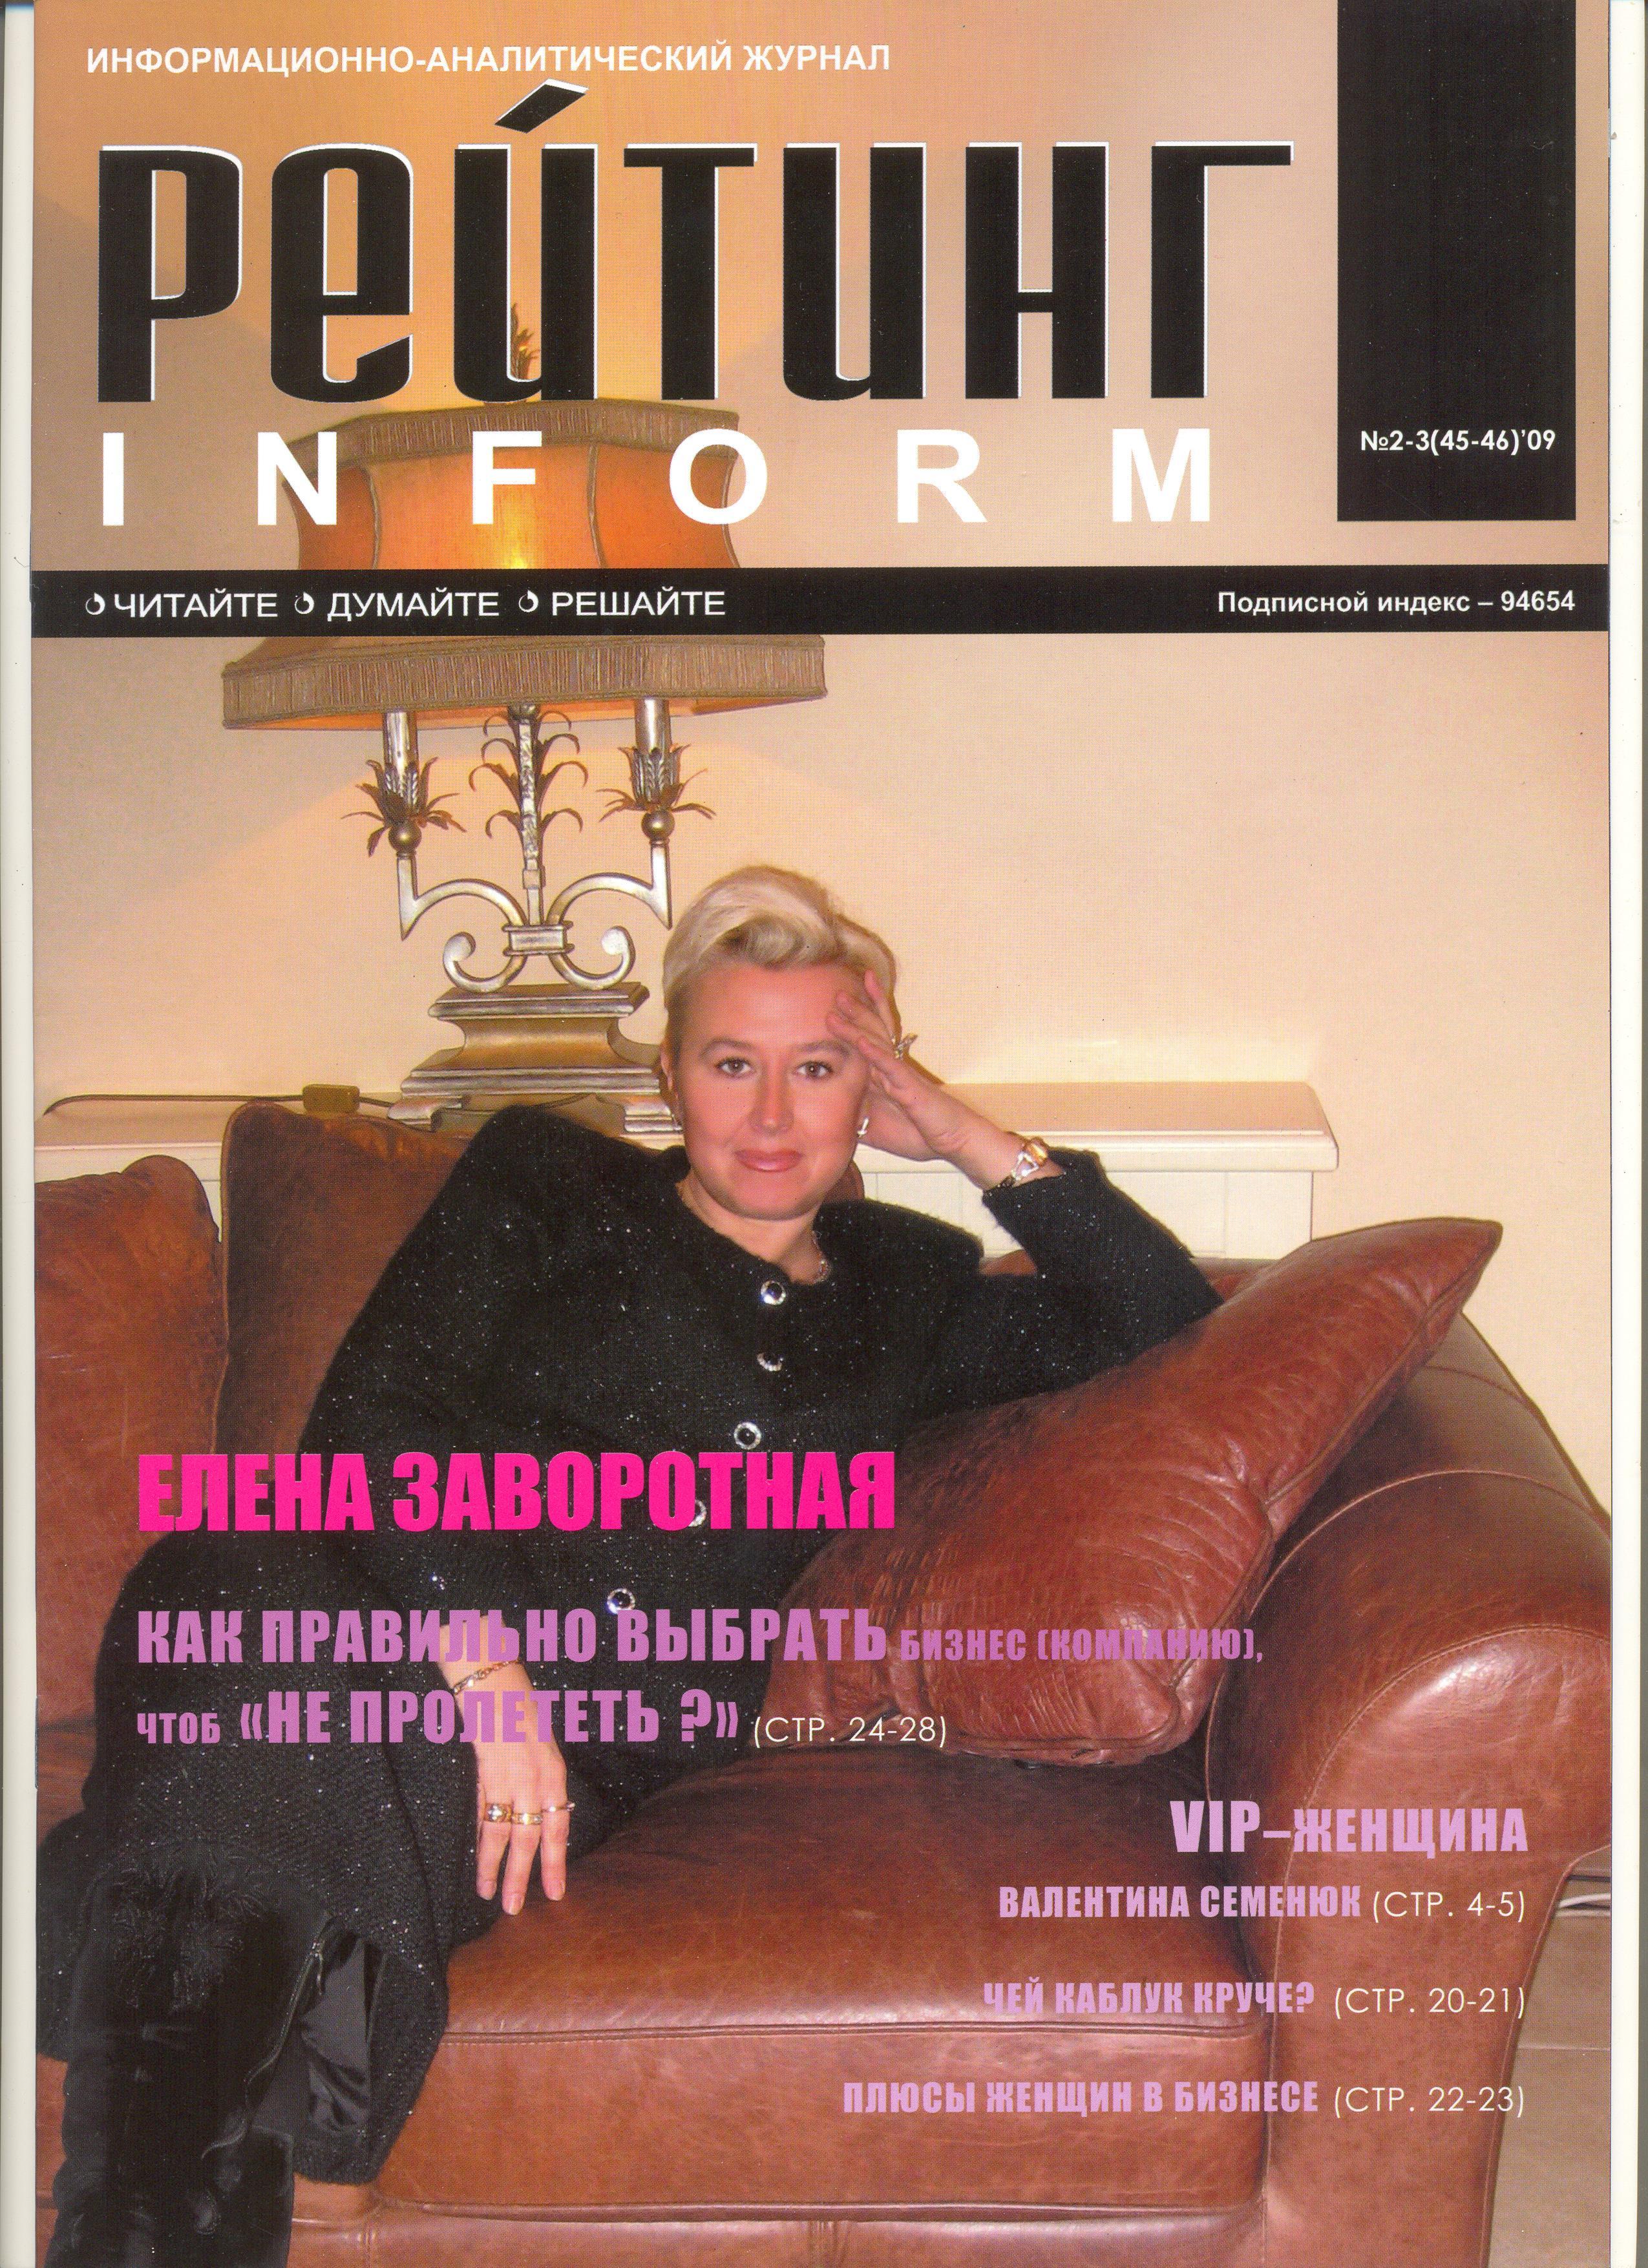 Журнал РЕЙТИНГ-inform